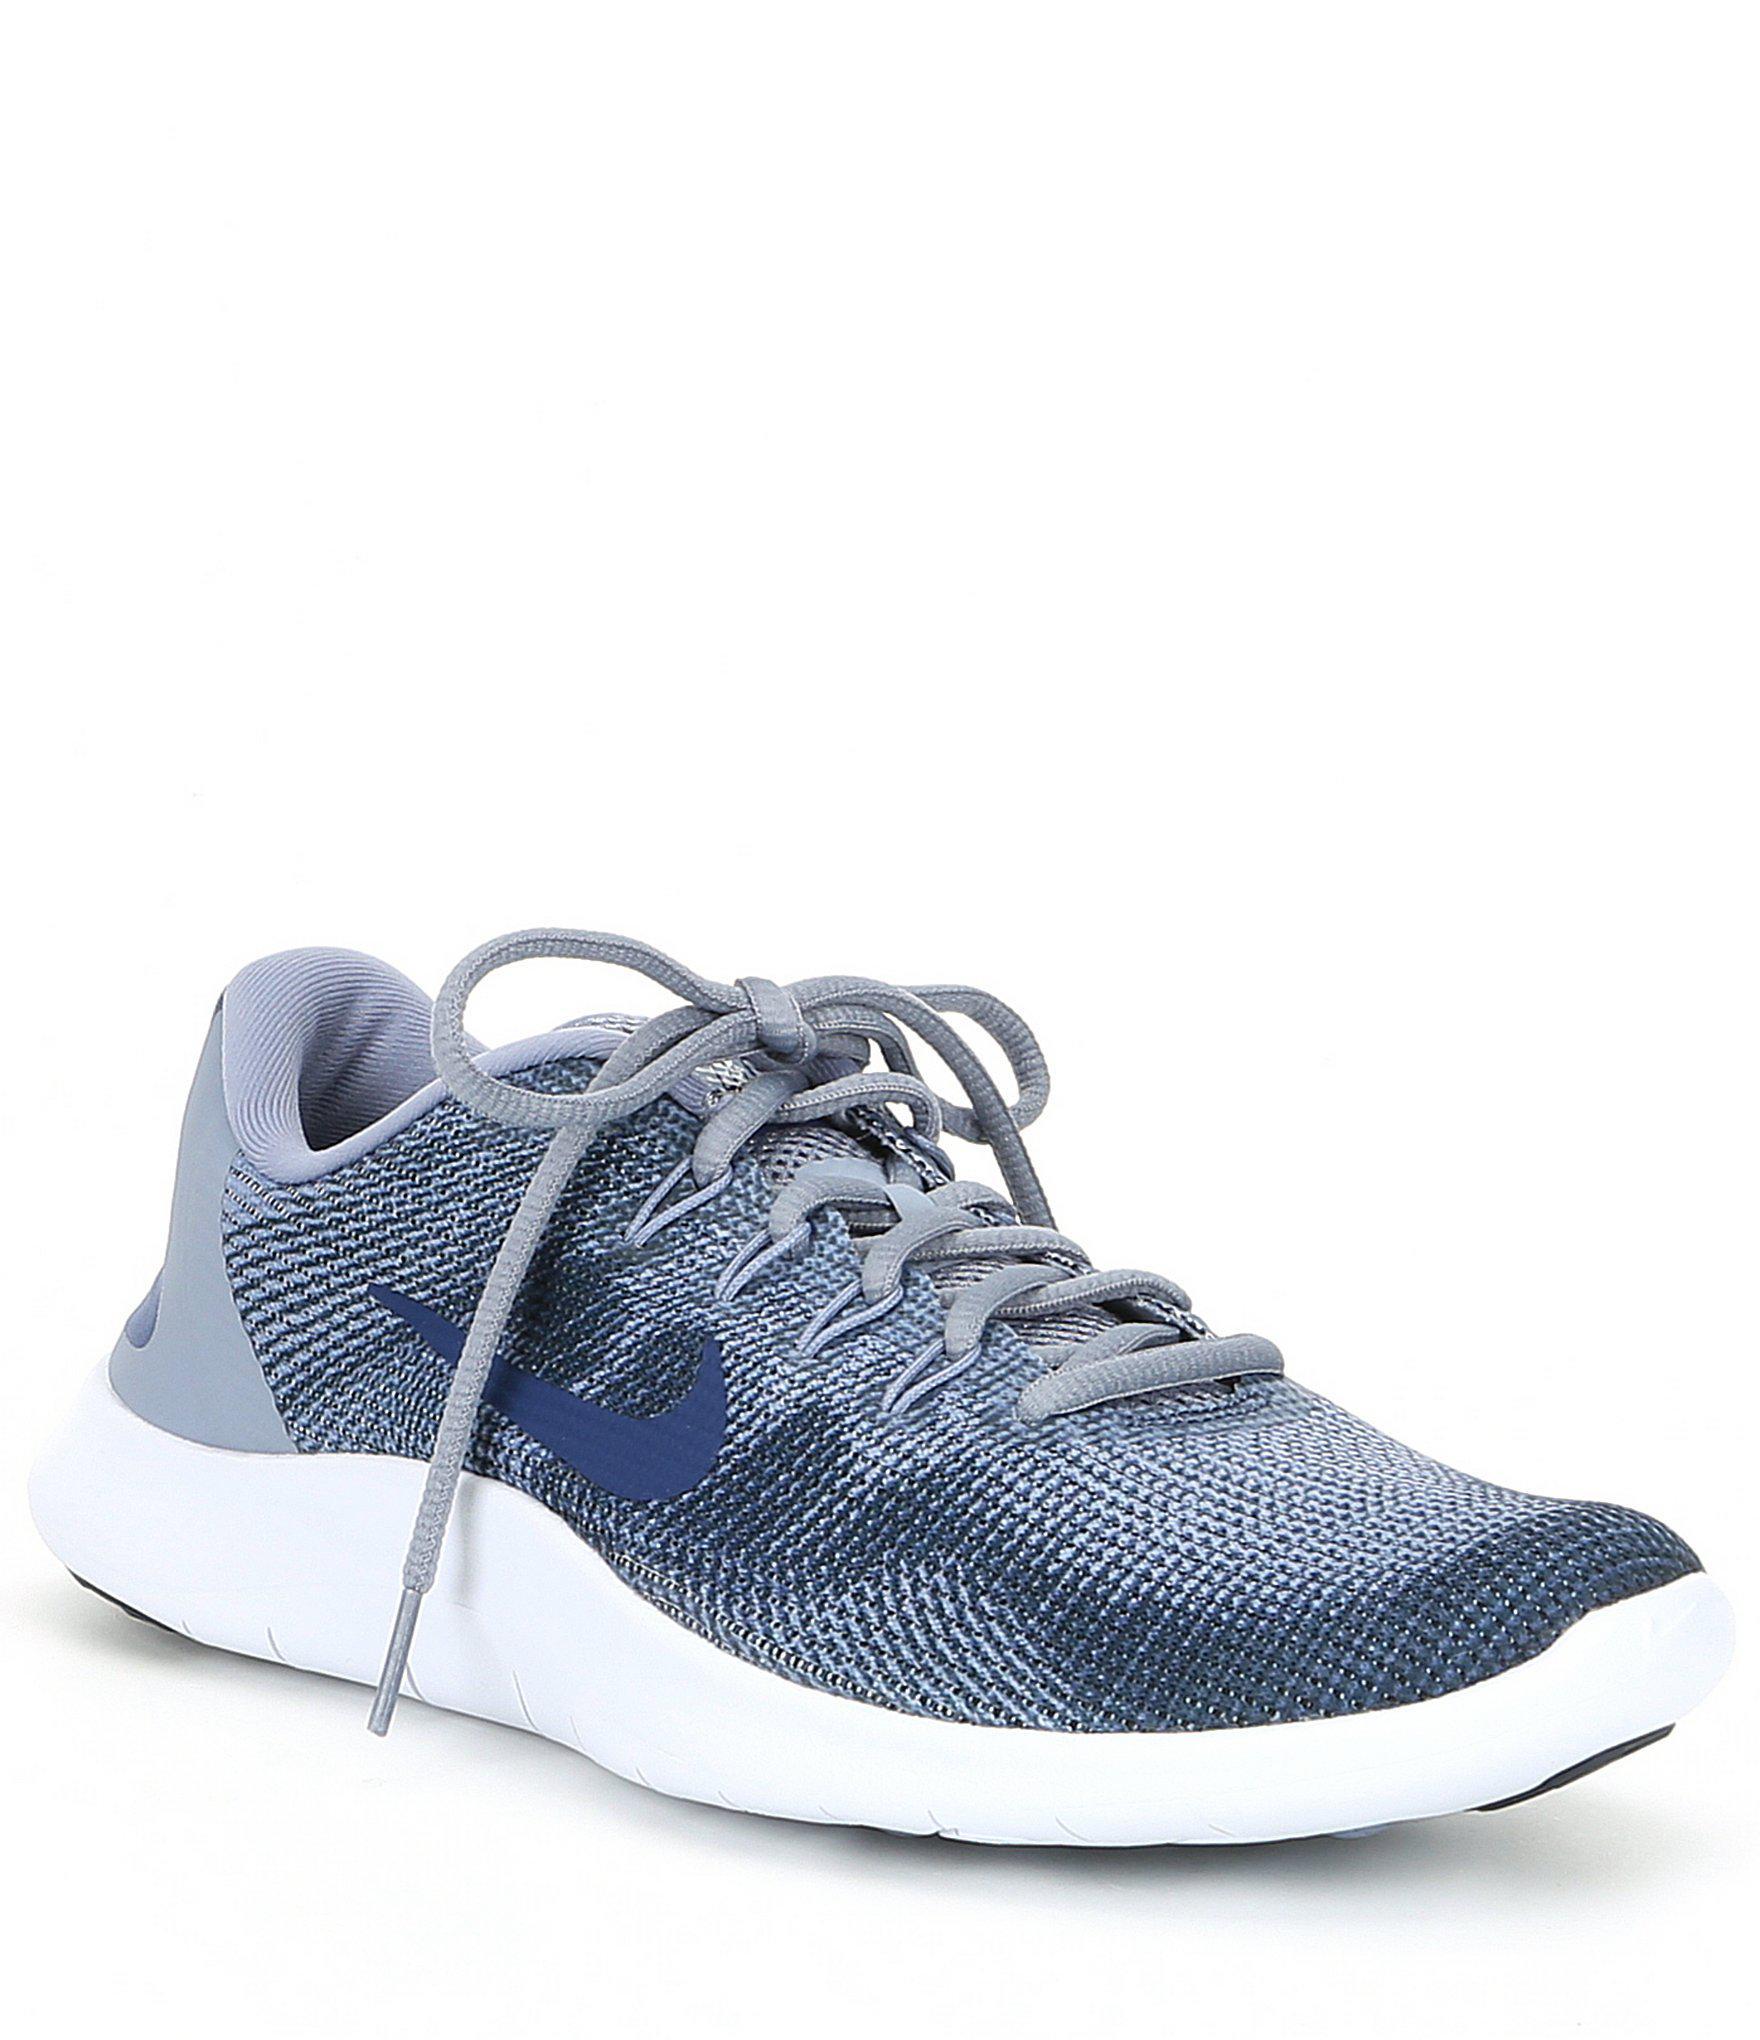 e031e7b9c6 Nike Men's Flex 2018 Rn Running Shoes in Blue for Men - Save 41% - Lyst